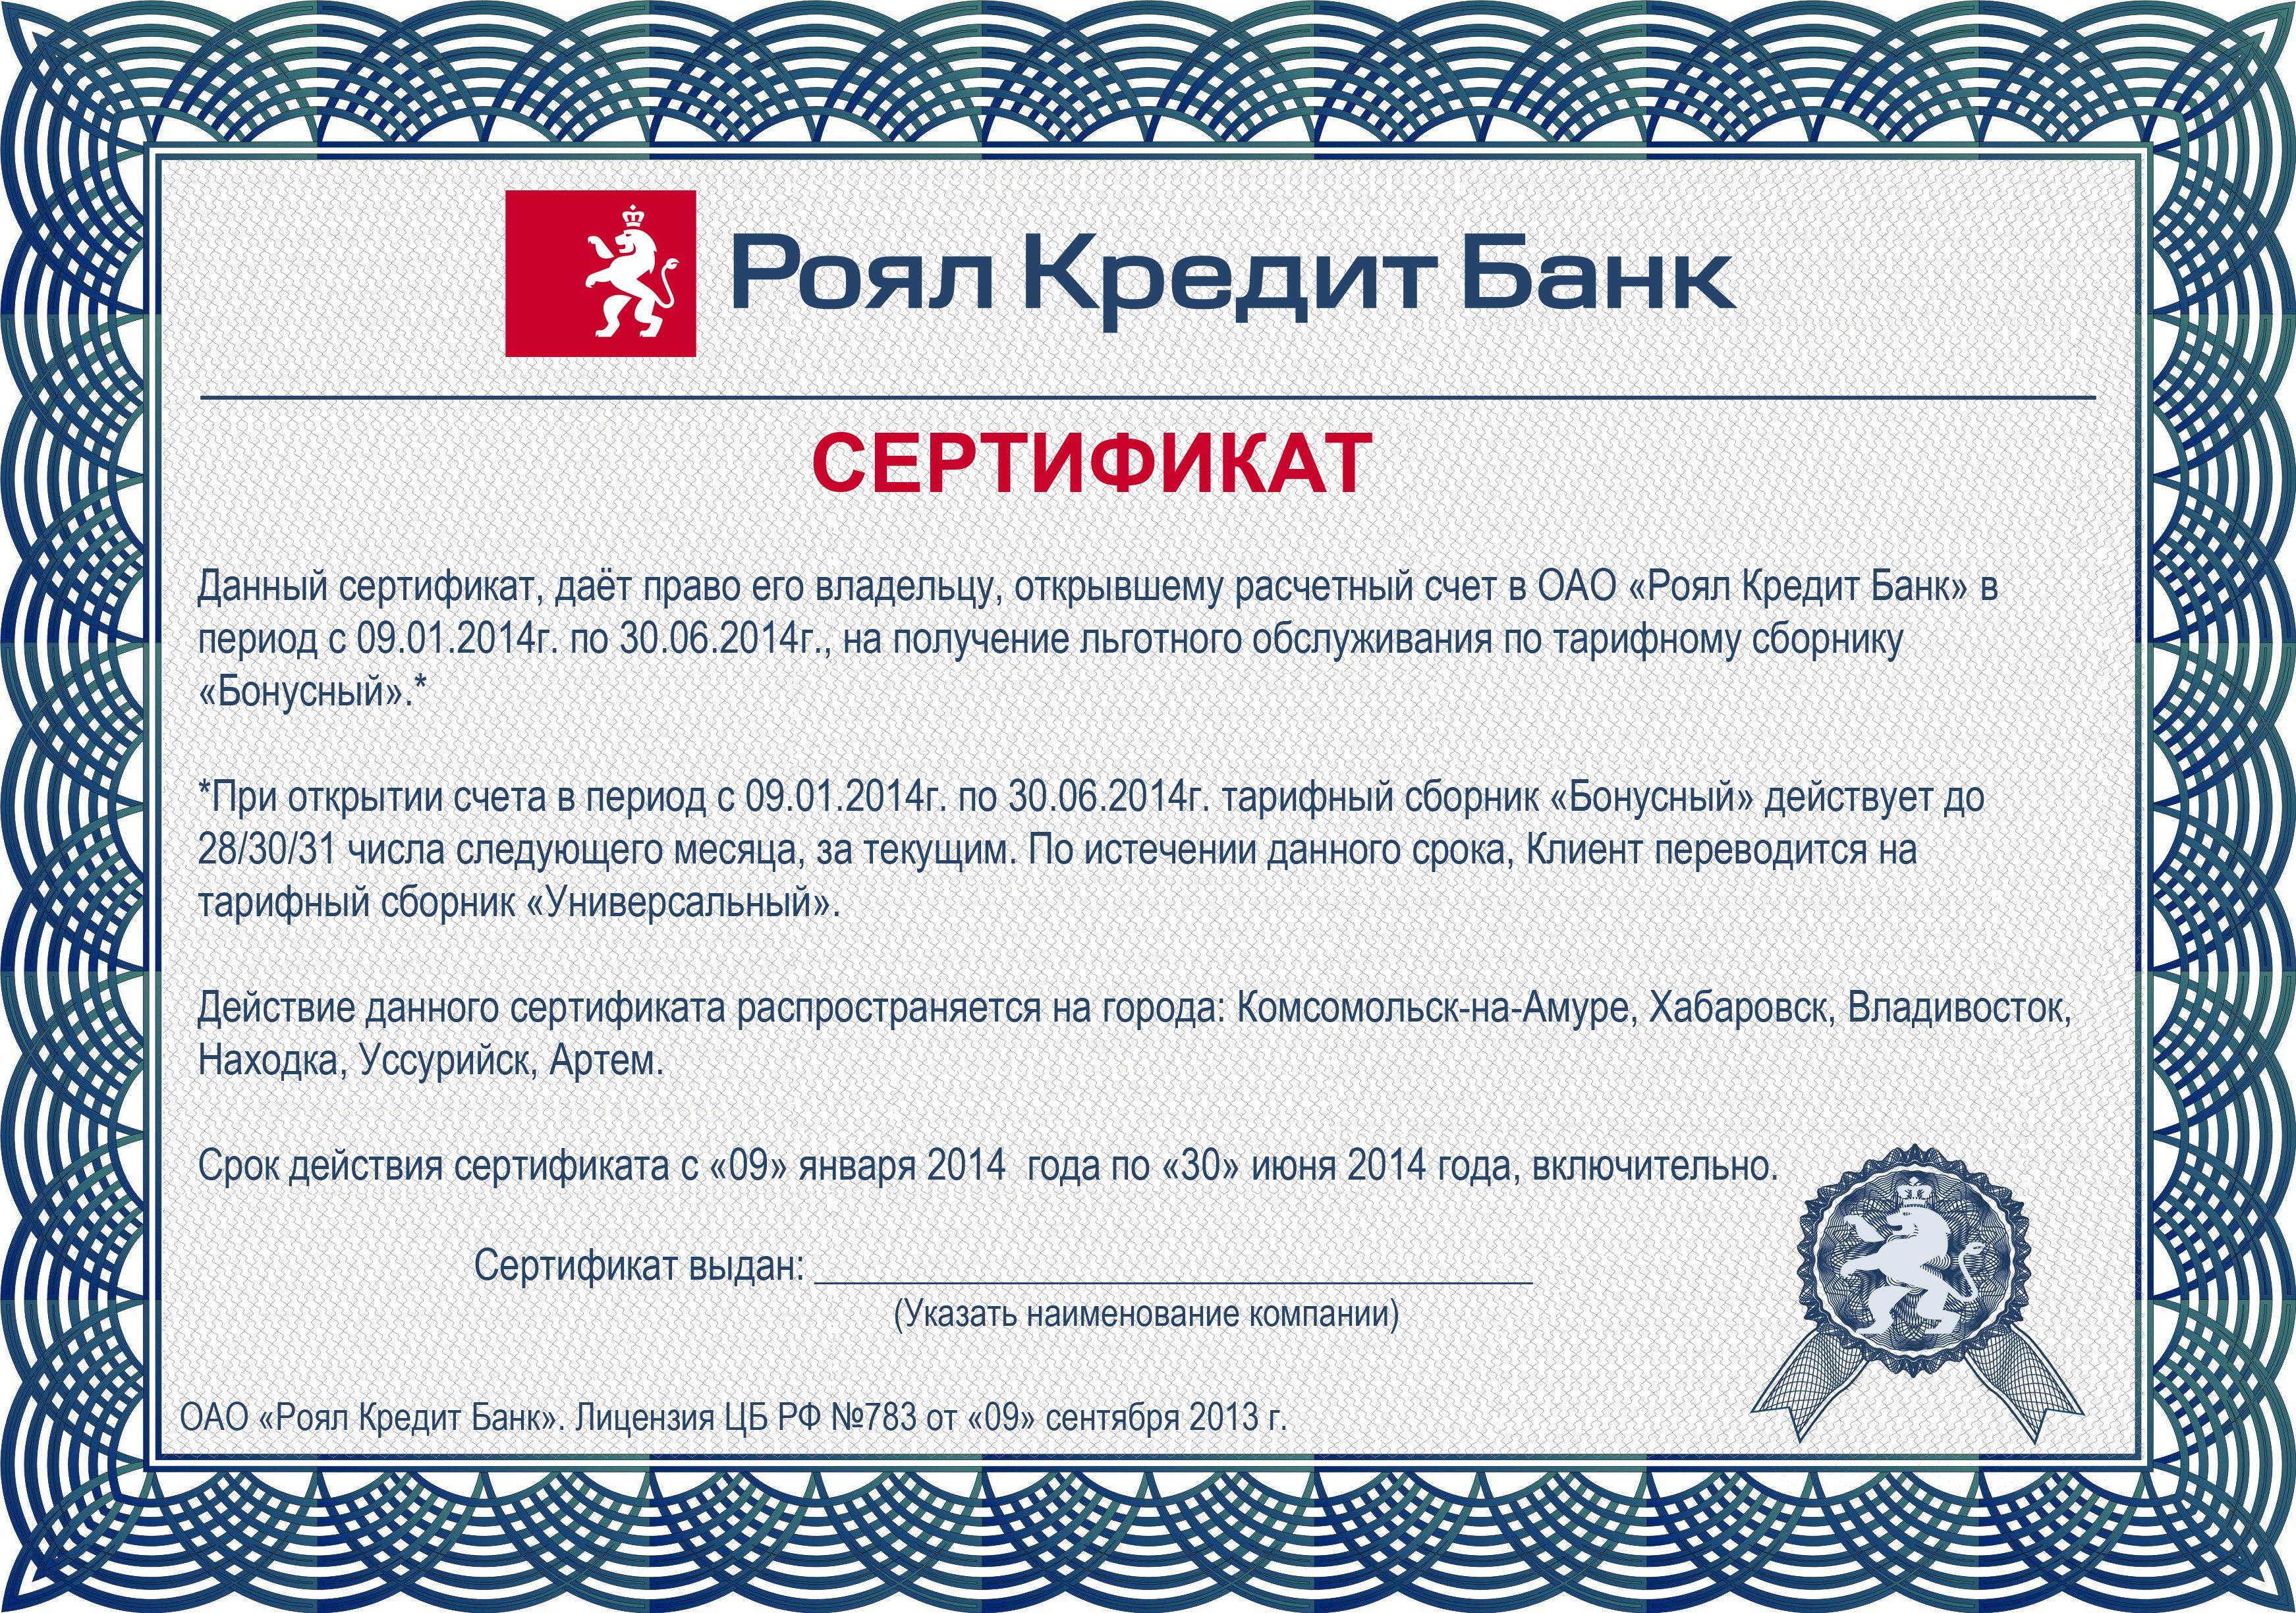 роял кредит банк комсомольск на амуре режим работые заем официальный сайт